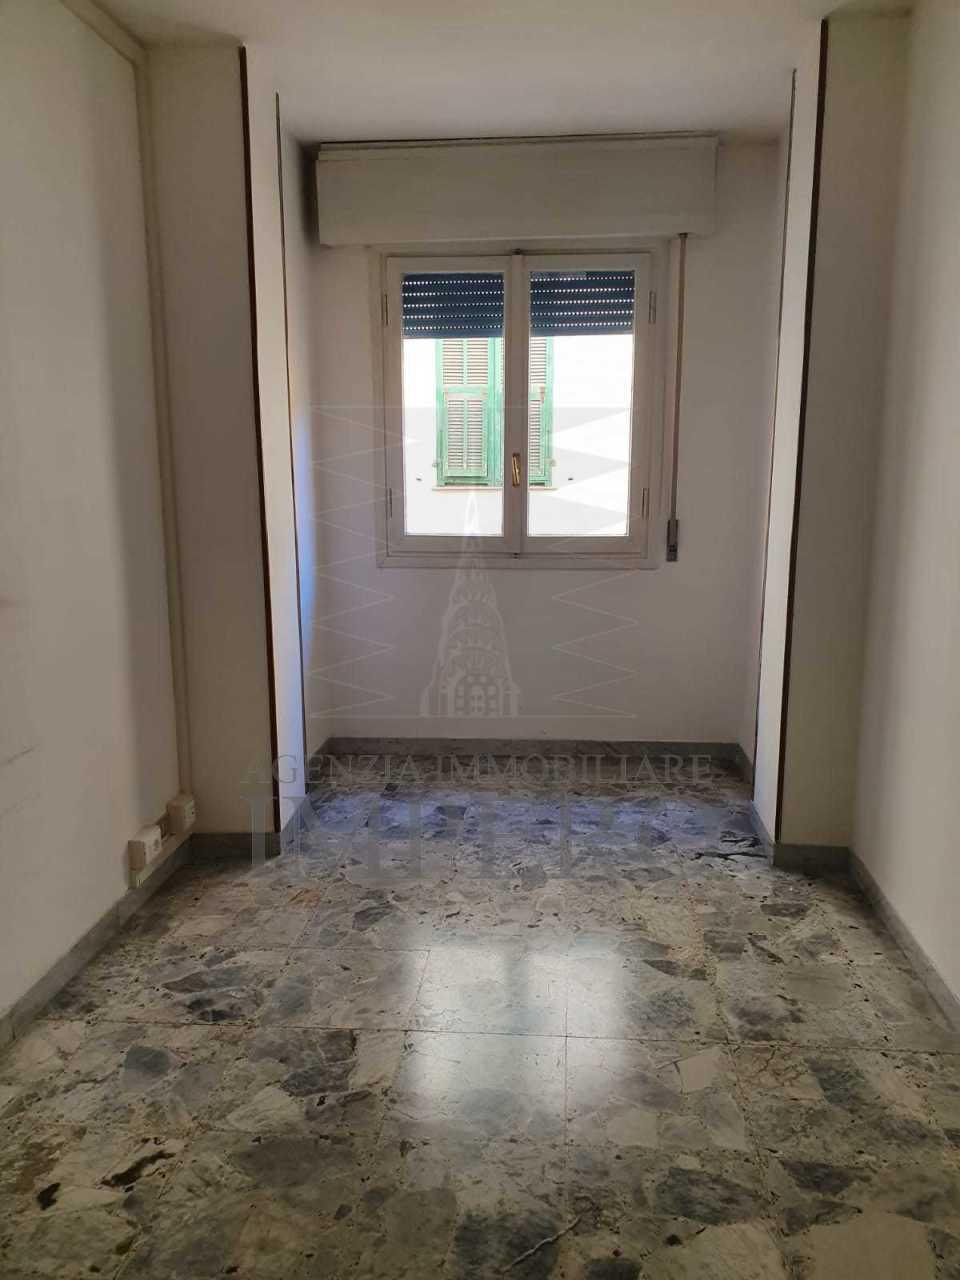 Ufficio / Studio in affitto a Ventimiglia, 4 locali, prezzo € 500 | PortaleAgenzieImmobiliari.it